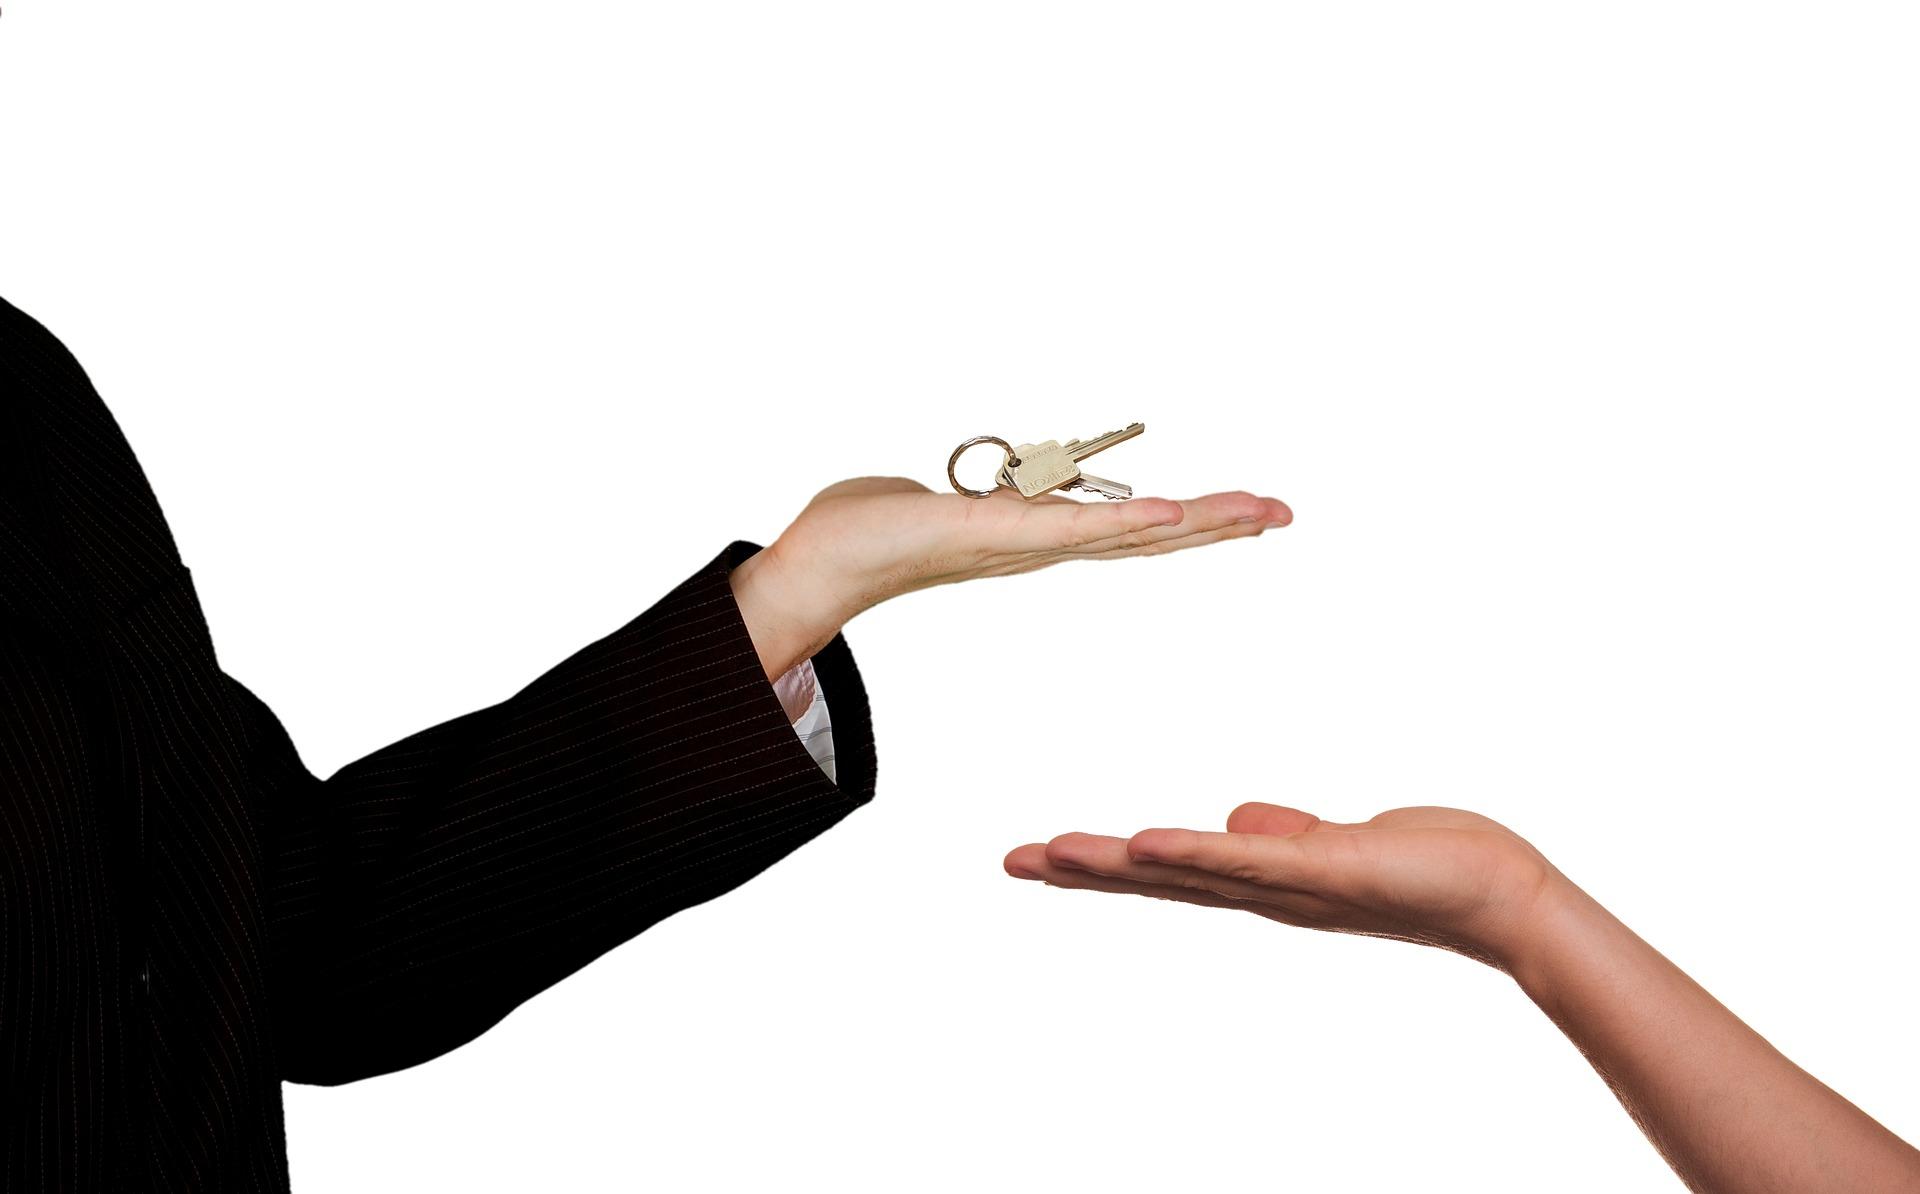 Квартира вместо алиментов - как передать имущество в счет уплаты